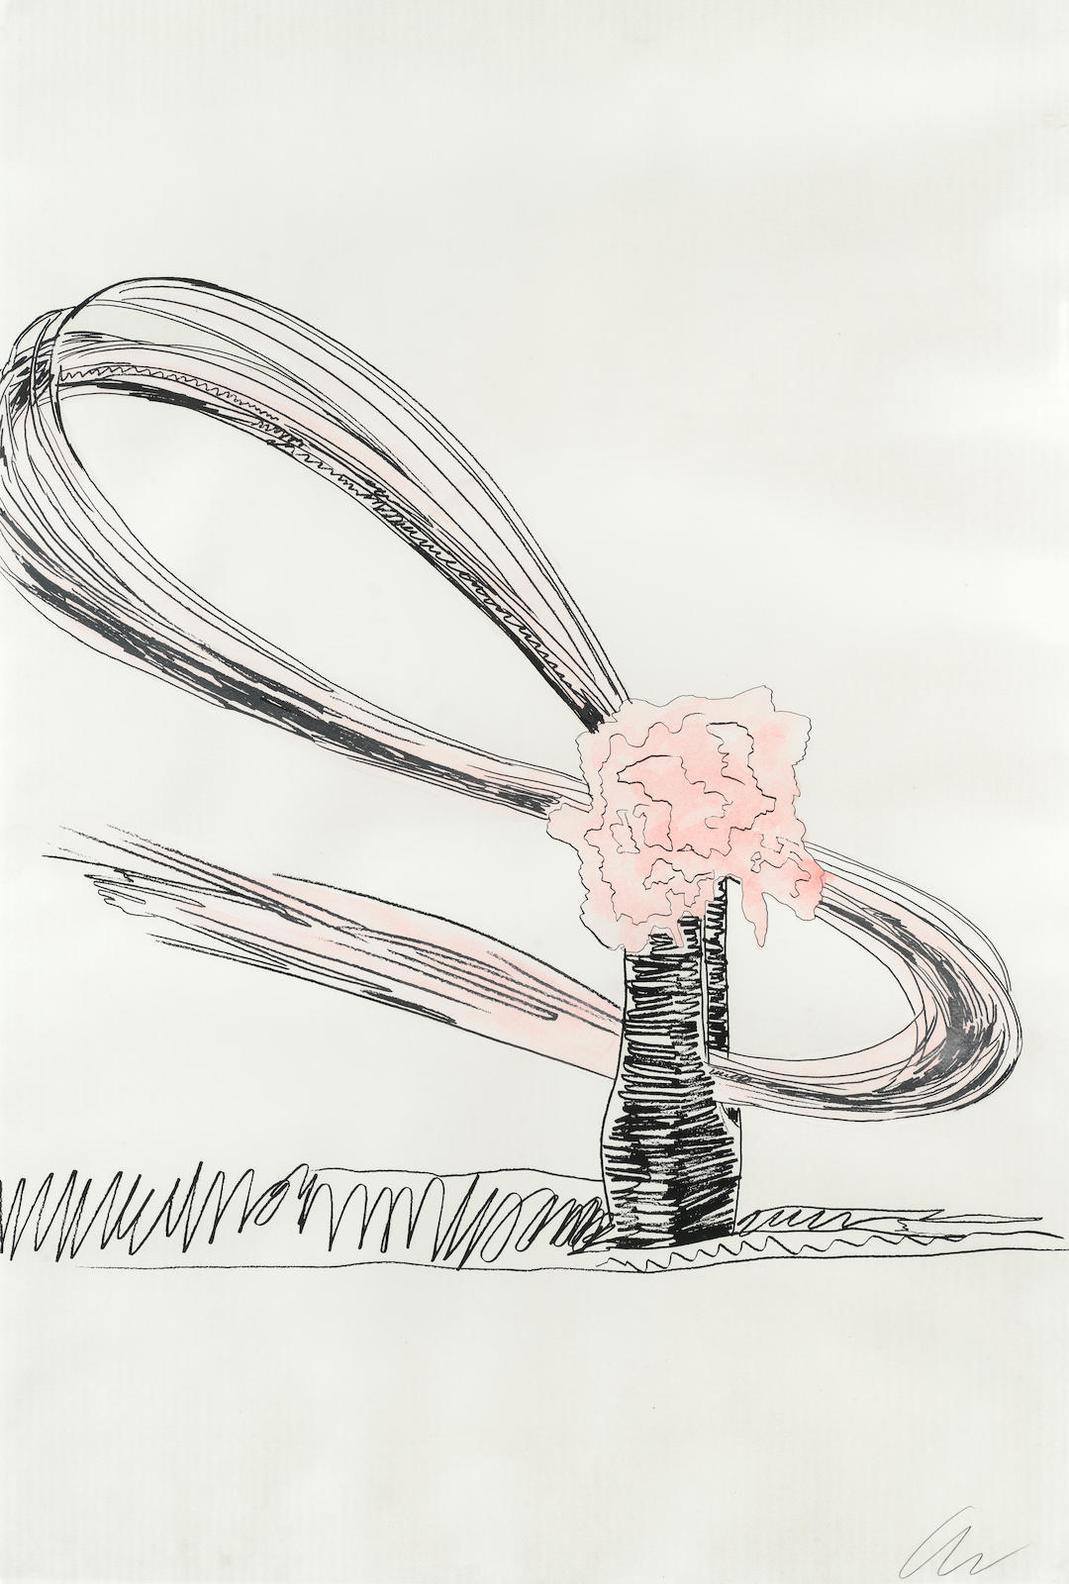 Andy Warhol-One Plate, From Flowers (Feldman & Schellmann Ii.117)-1974